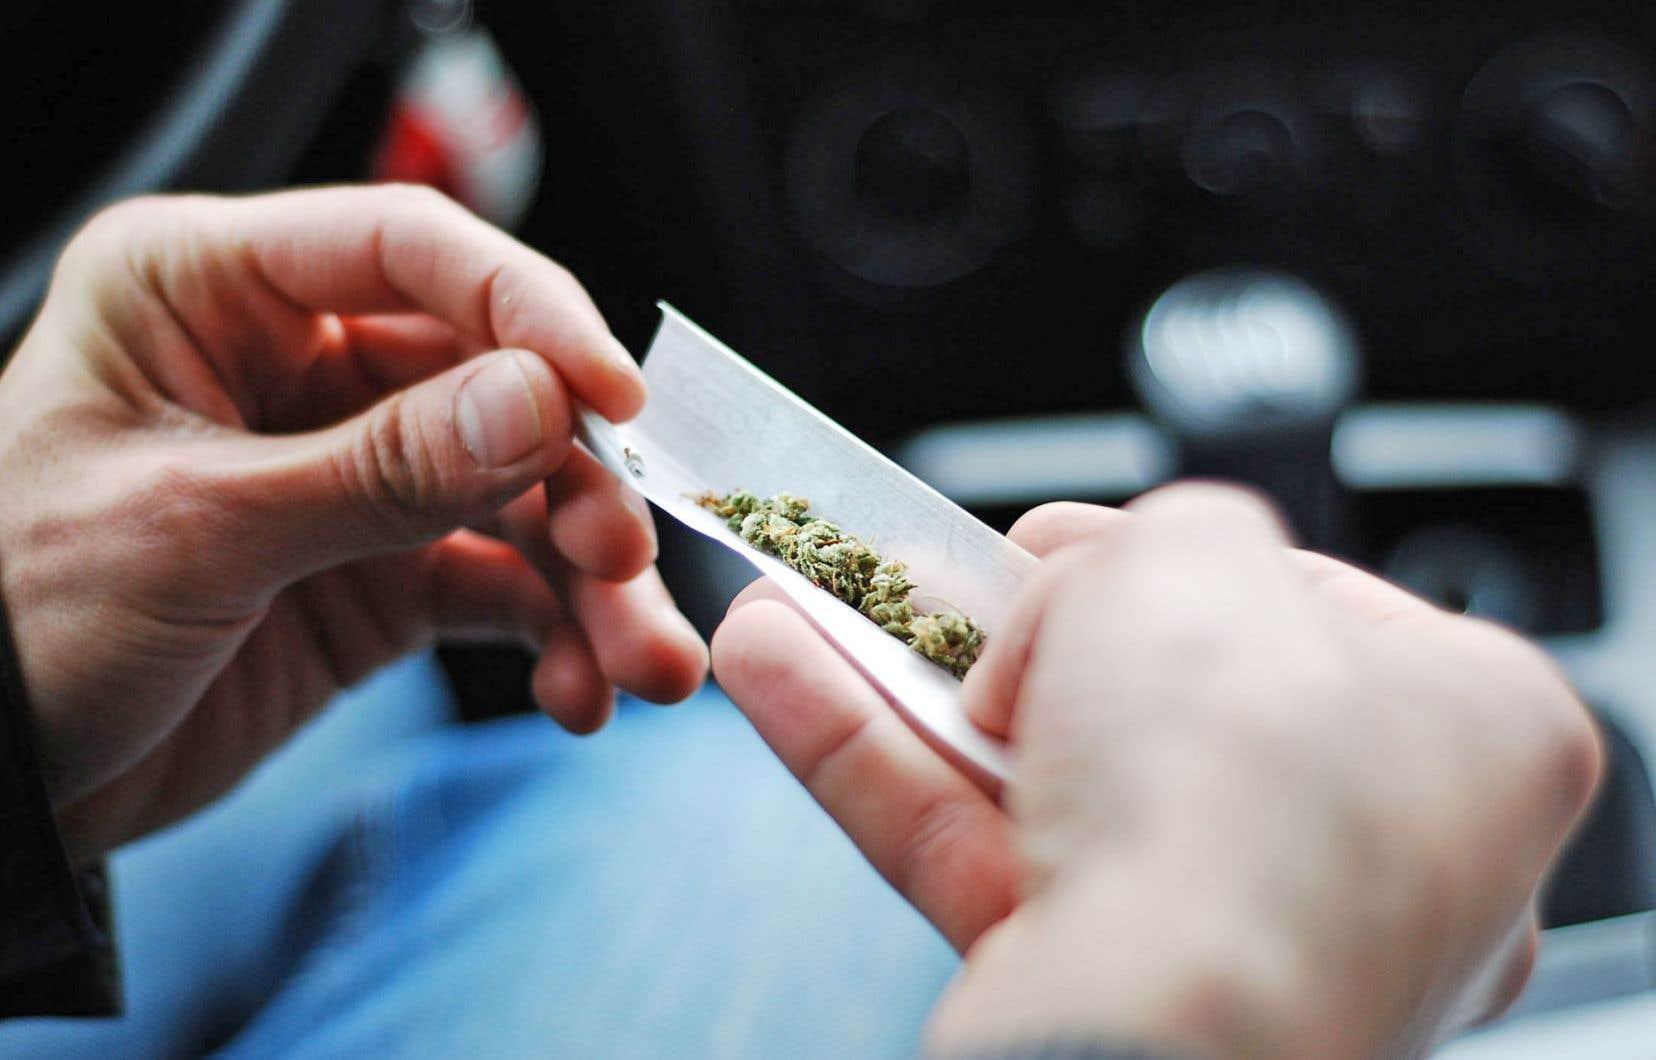 La ministre de la Santé publique fédérale, Jane Philpott, a fait valoir que l'actuelle prohibition est plus coûteuse que la future légalisation.